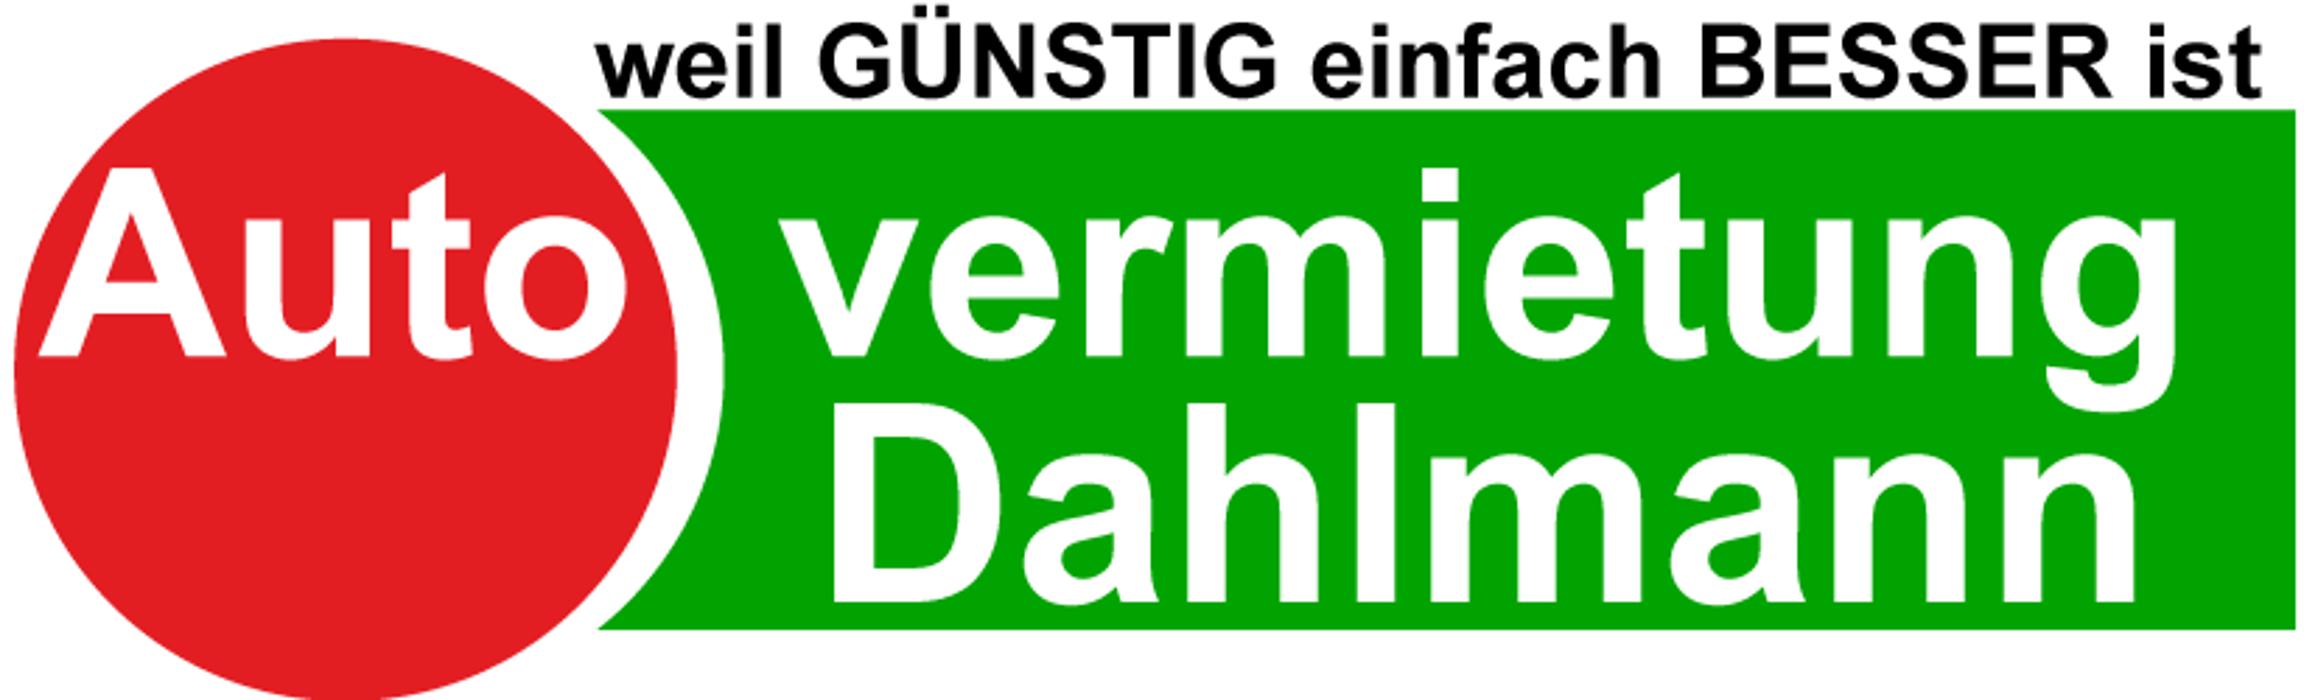 Bild zu Autovermietung Dahlmann in Strausberg